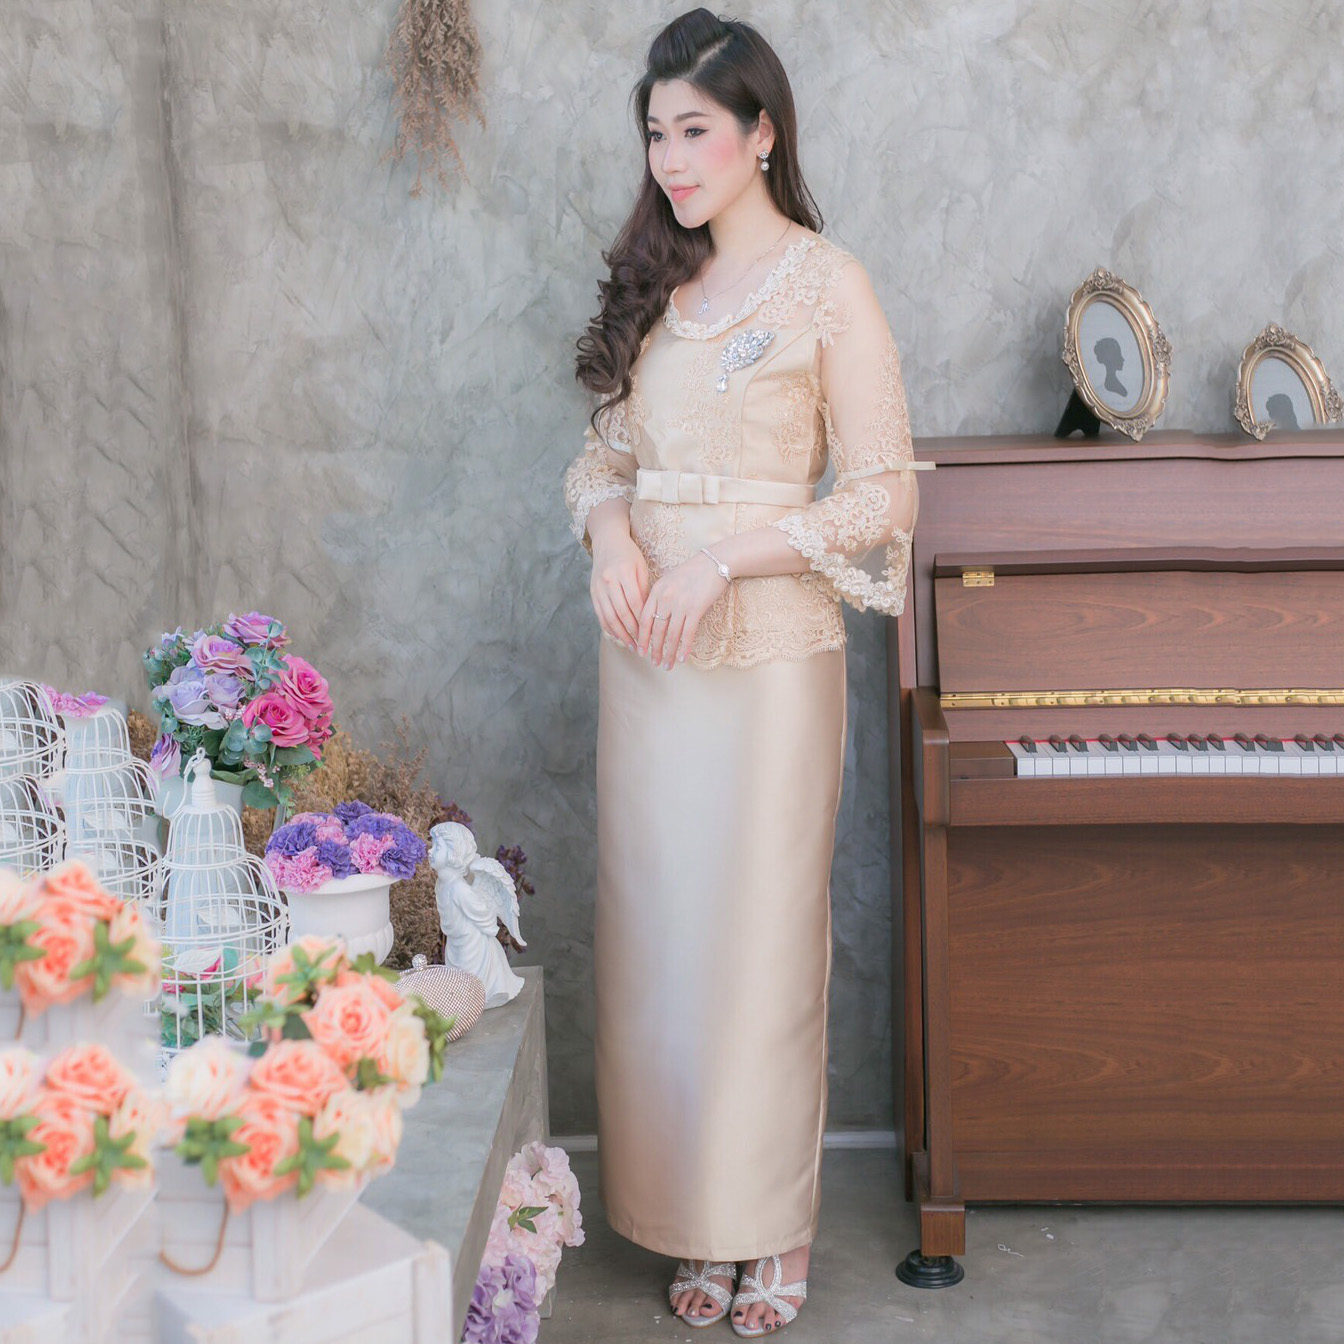 ชุดออกงานสีทอง เซ็ท 2 ชิ้น เสื้อลูกไม้ + กระโปรงผ้าถุงยาวผ้าไหมอิตาลี ลุคสวยหรู ดูสง่า